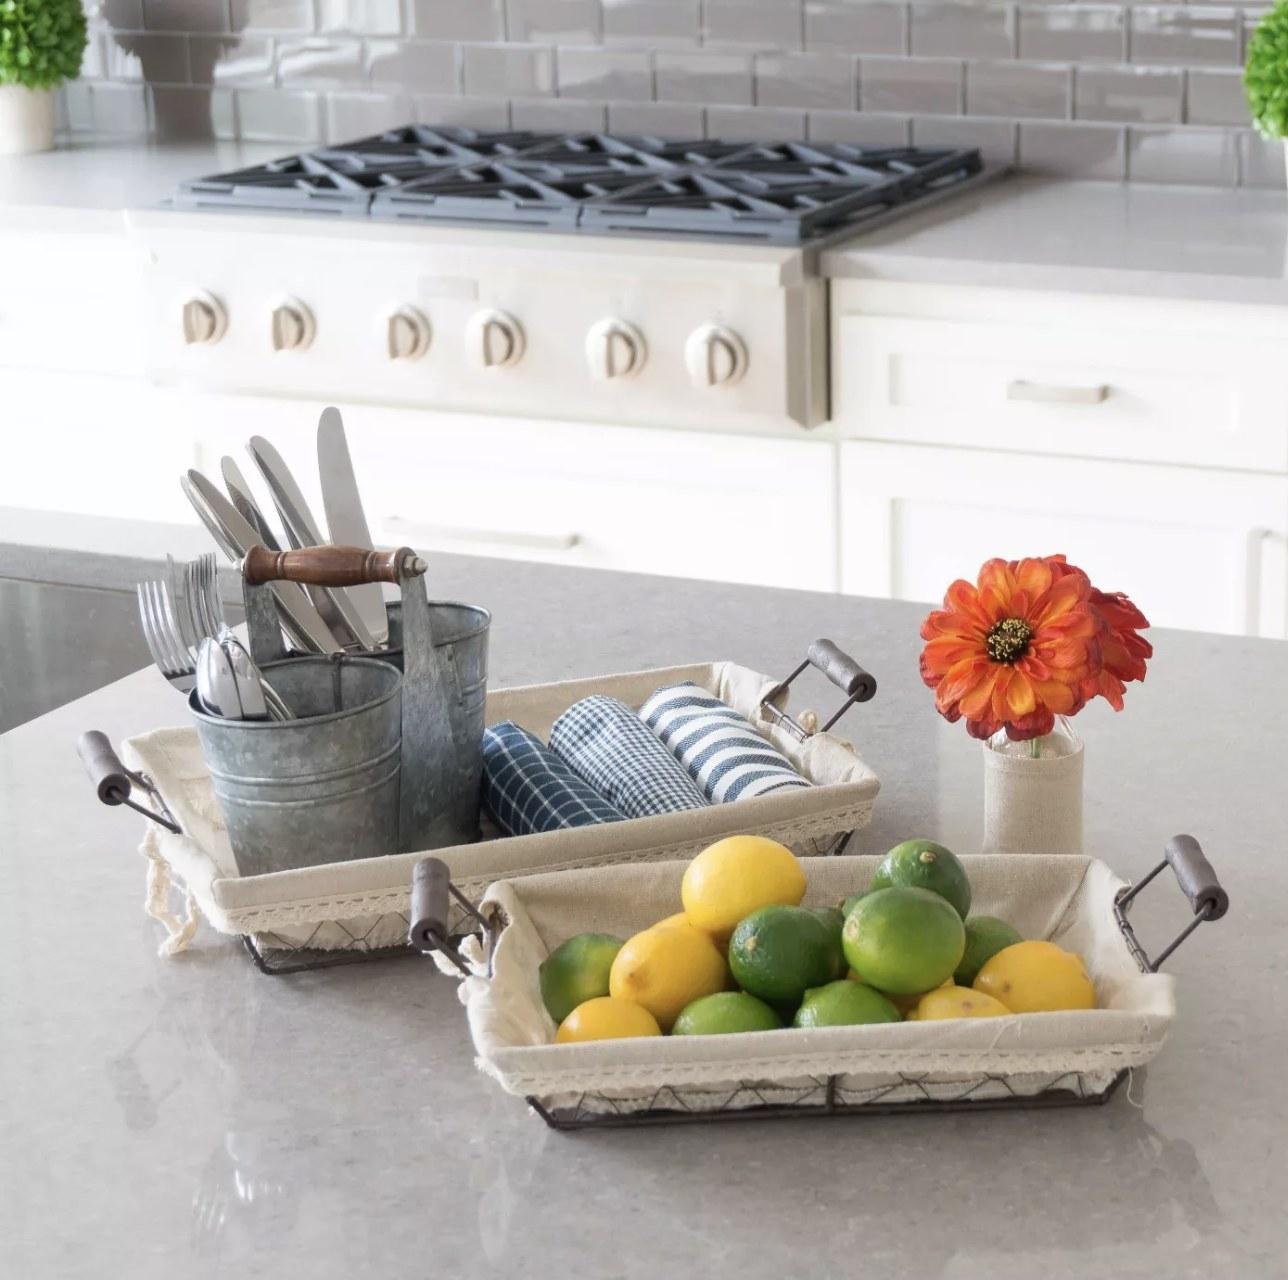 Wire baskets on kitchen counter